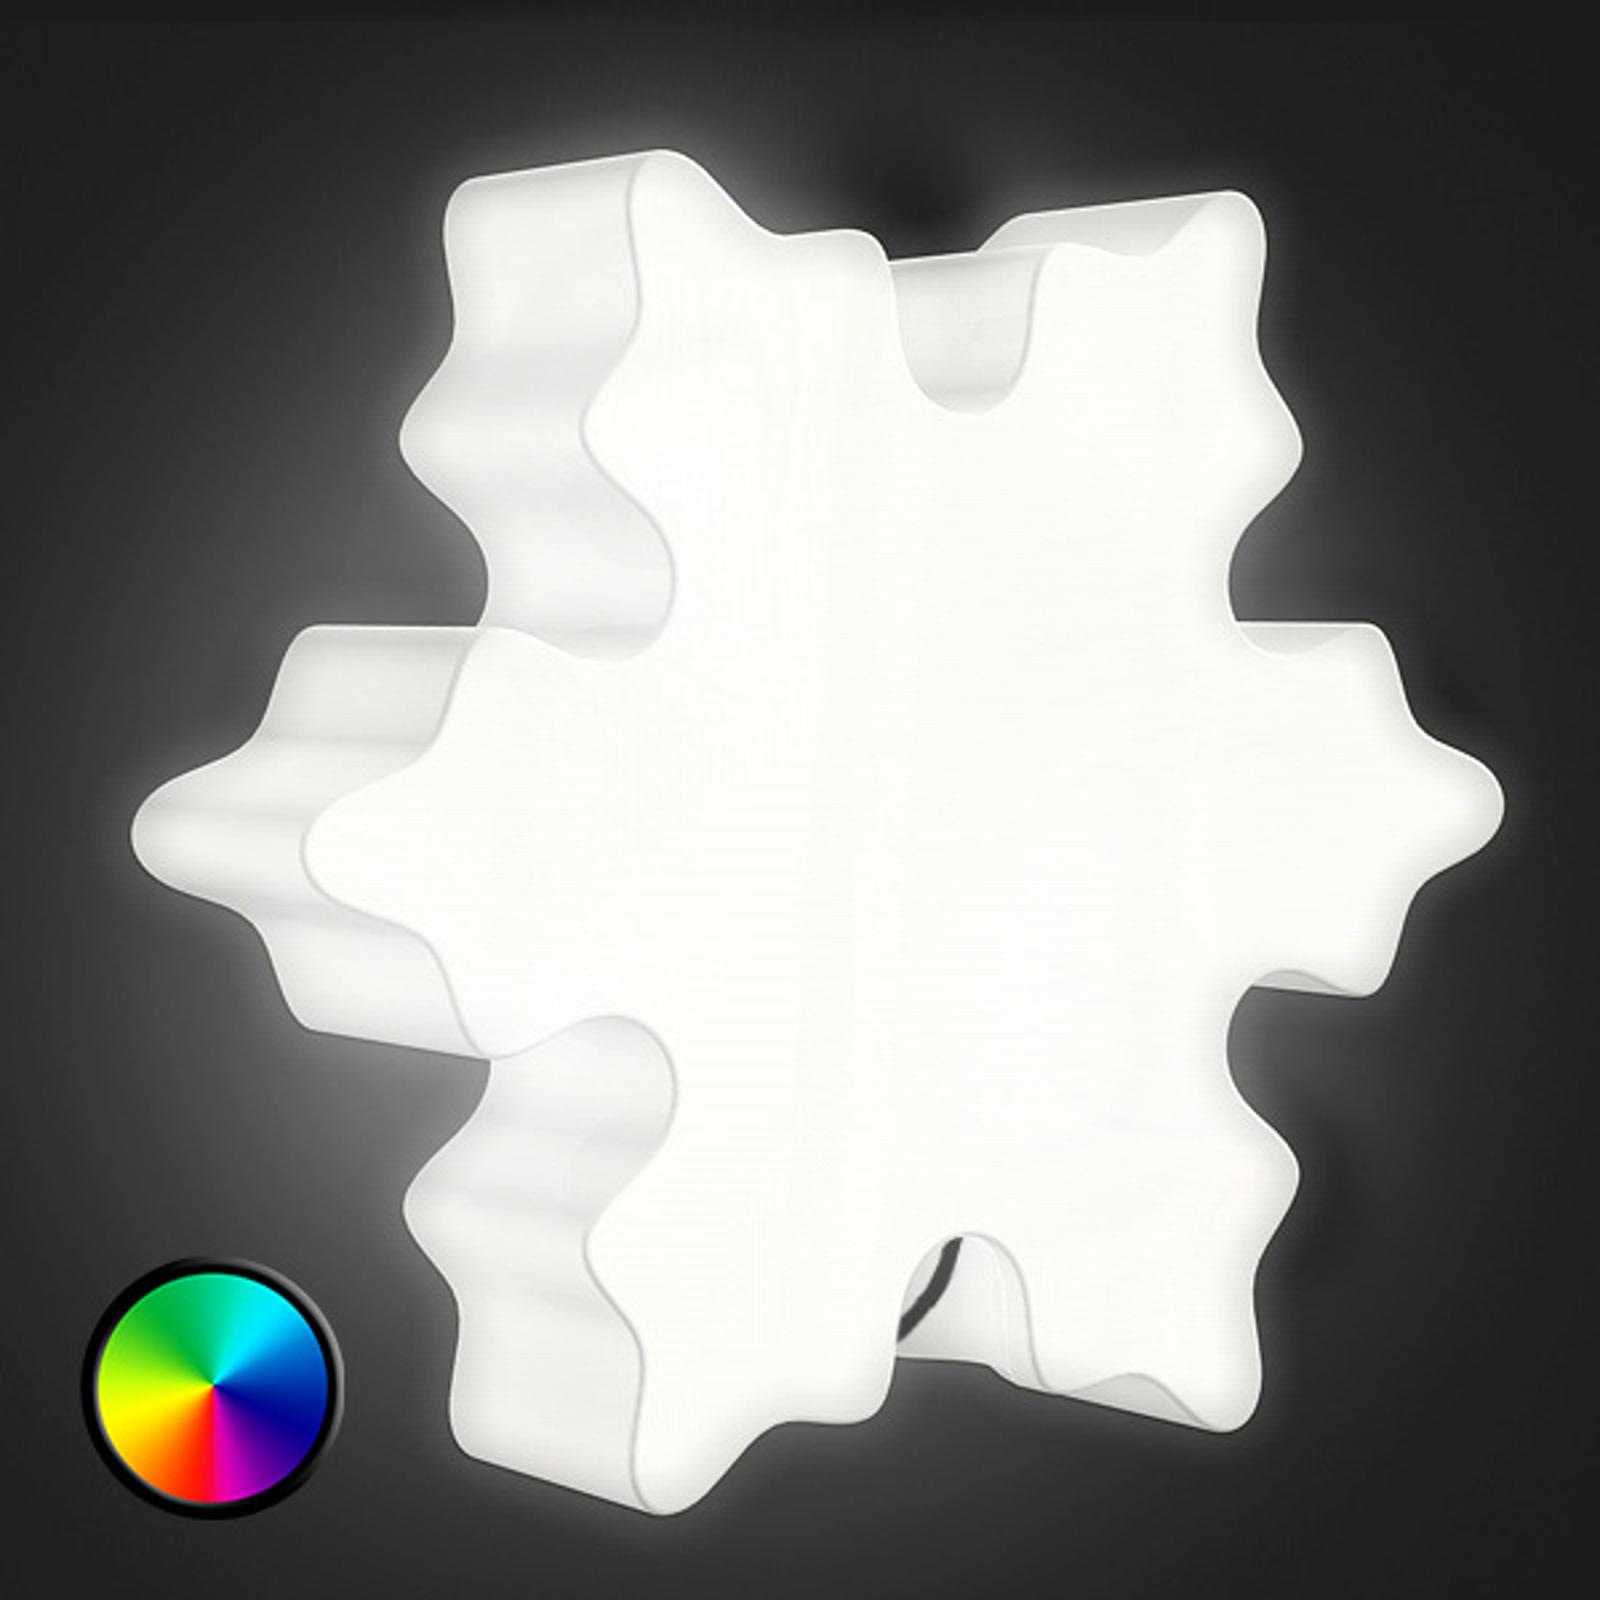 Utendørs dekorlampe Shining Crystal med LED-lys